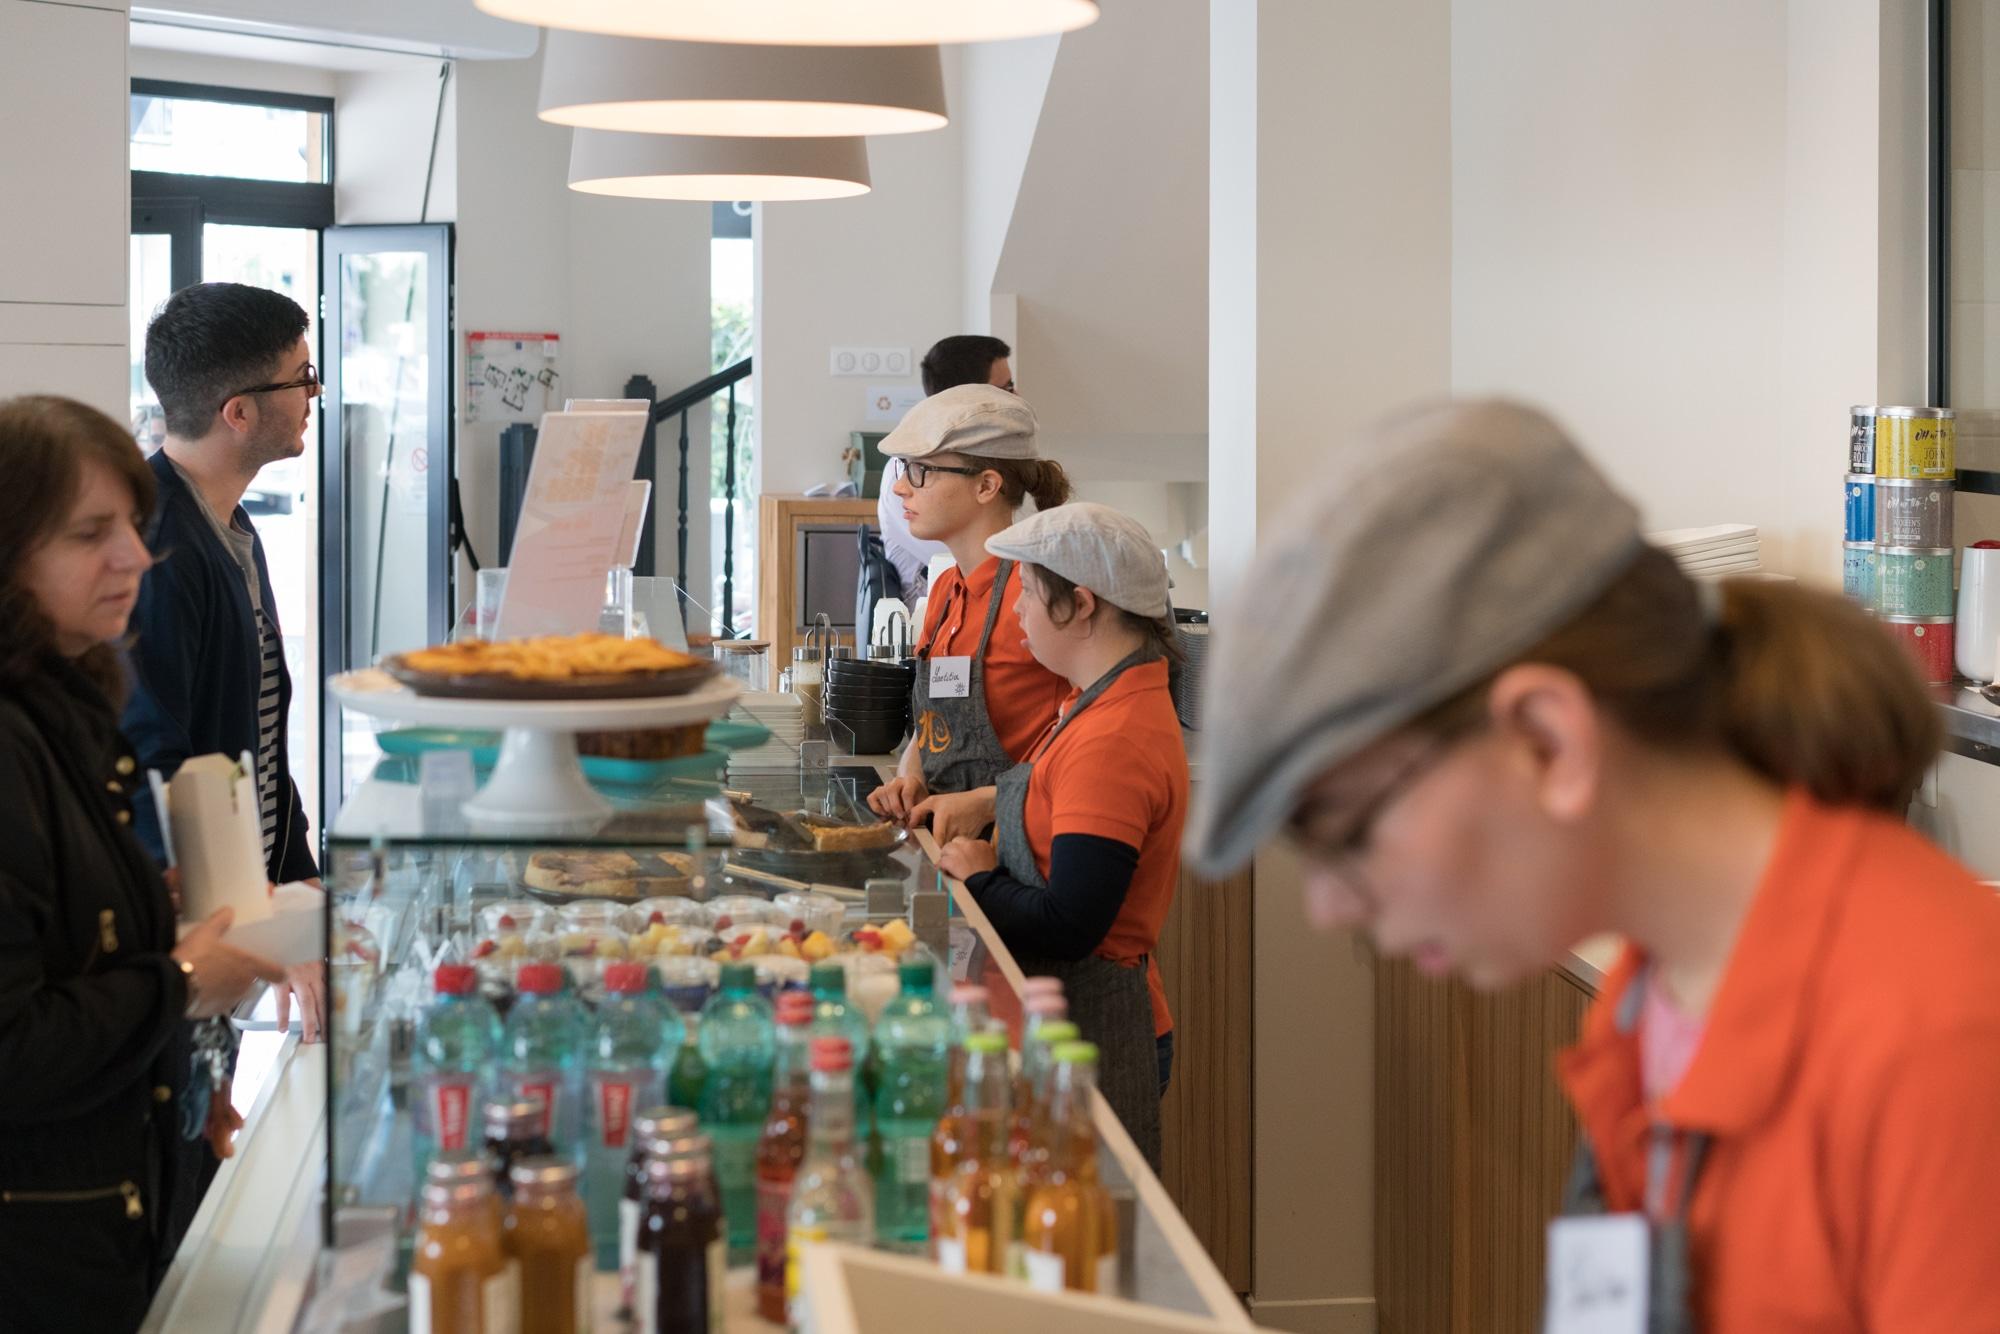 D'un côté du comptoir, Laetitia est entourée de ses collaborateurs, chacun affairé, tandis que de l'autre les clients commandent et regardent la vitrine.